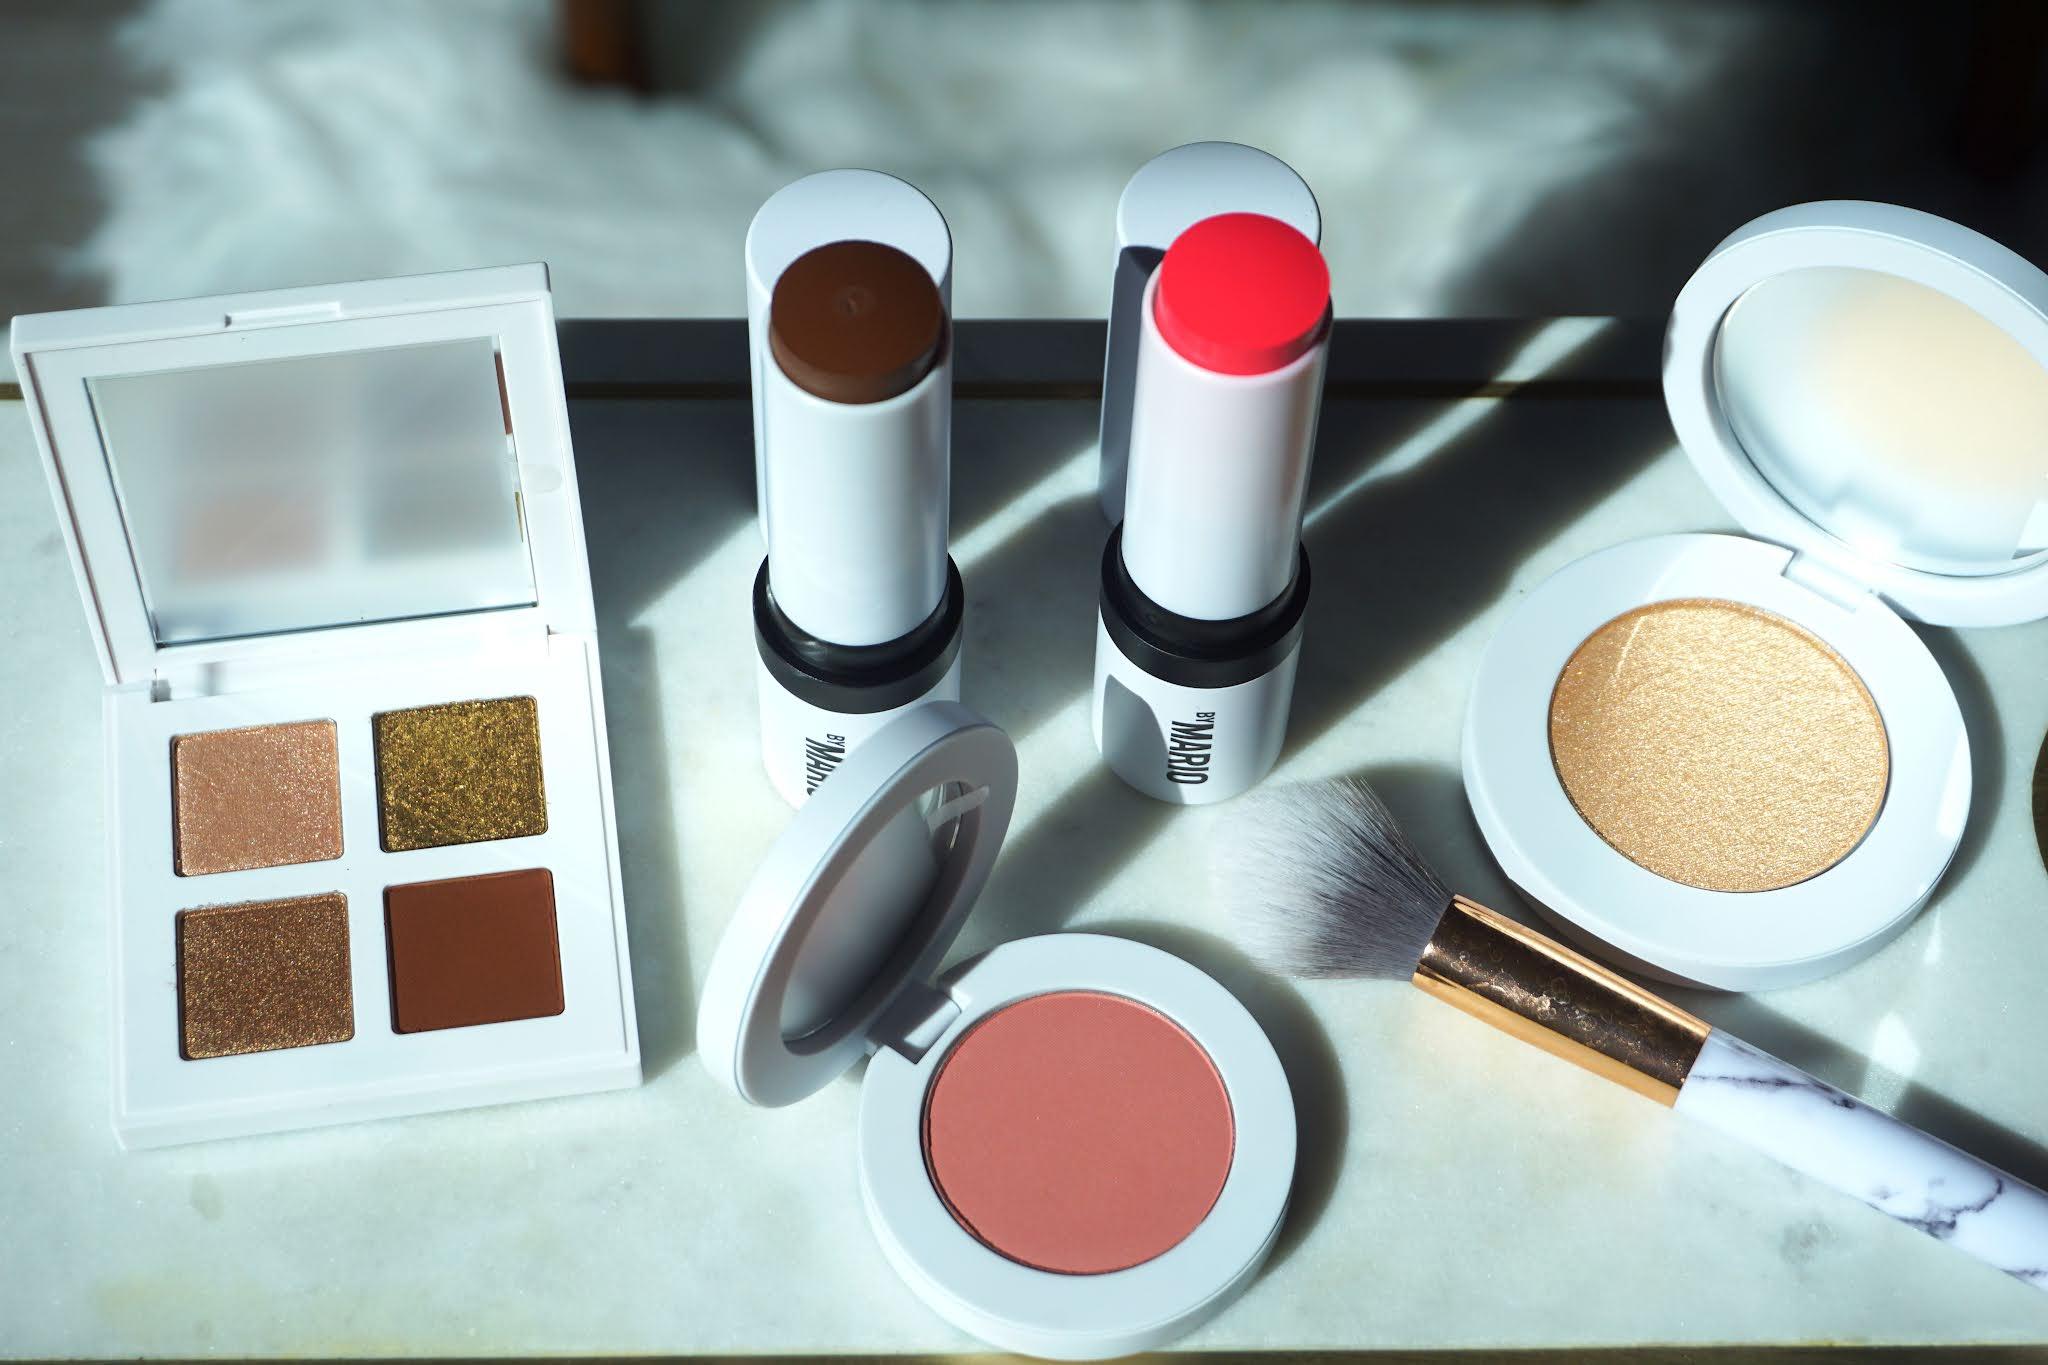 Makeup by Mario Haul